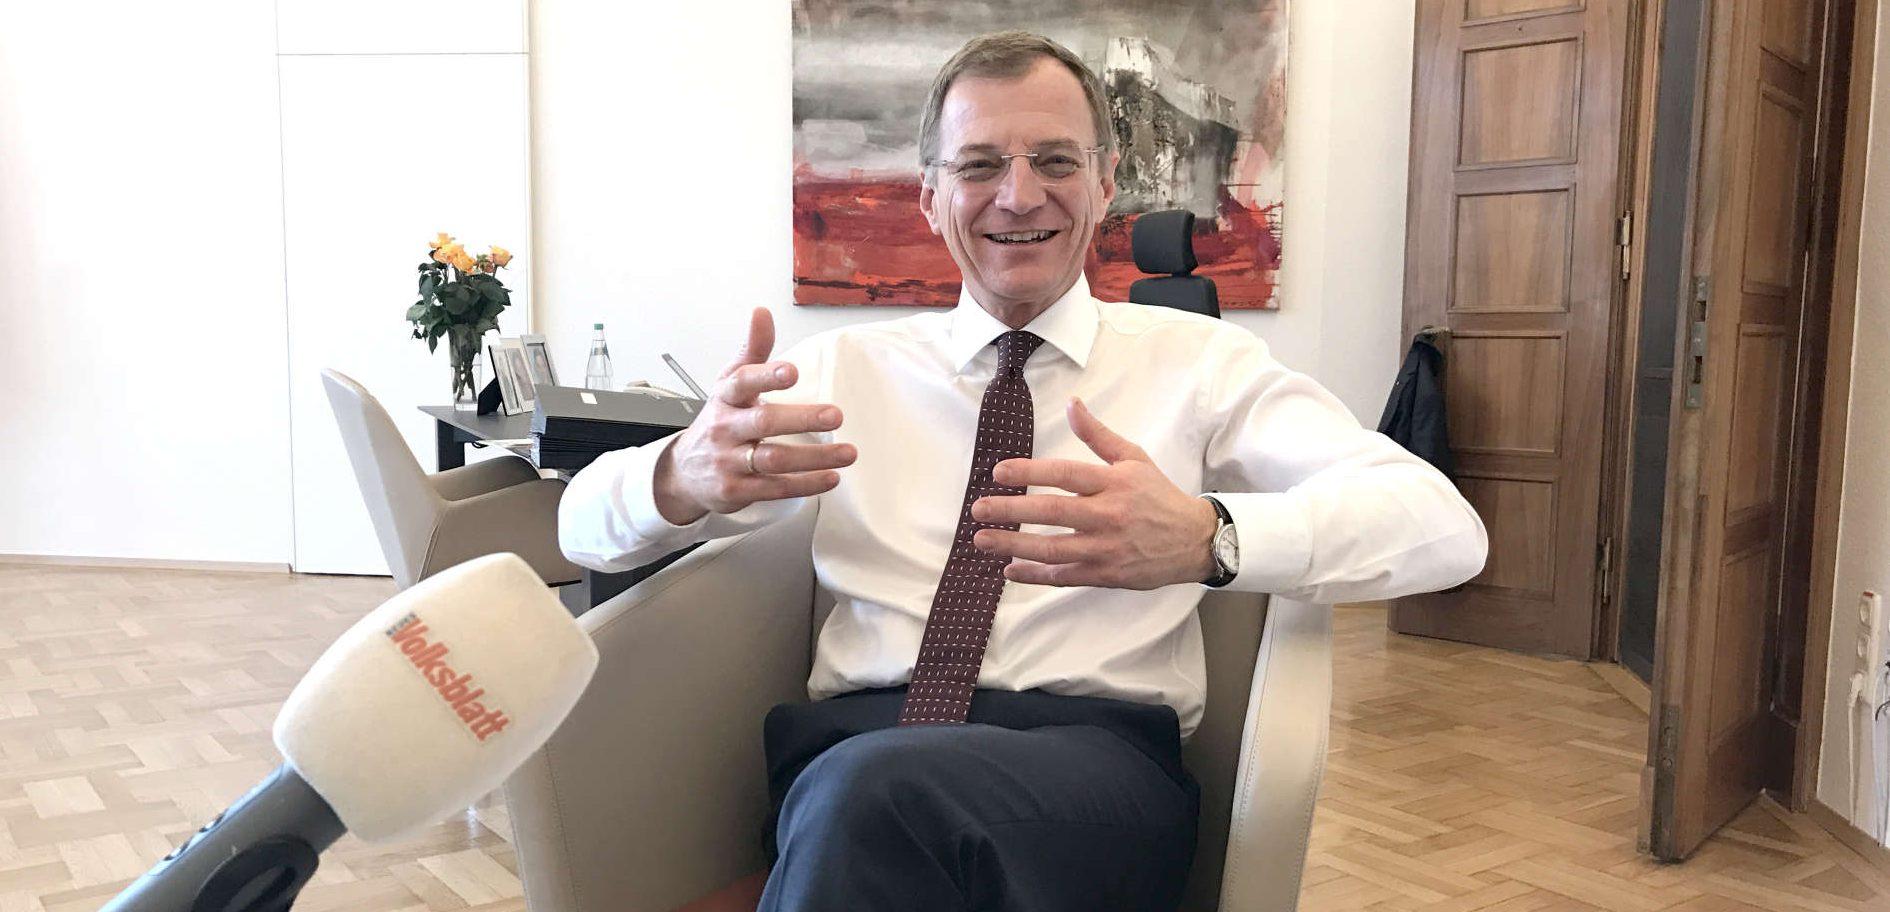 Freitag Mittag im Büro des Landeshauptmannes: Während in Wien die Koalitionsverhandlungen ins Finale gehen, resümiert LH Thomas Stelzer im VOLKSBLATT-Gespräch die Verhandlungen sowie die Debatten rund um das Landesbudget.